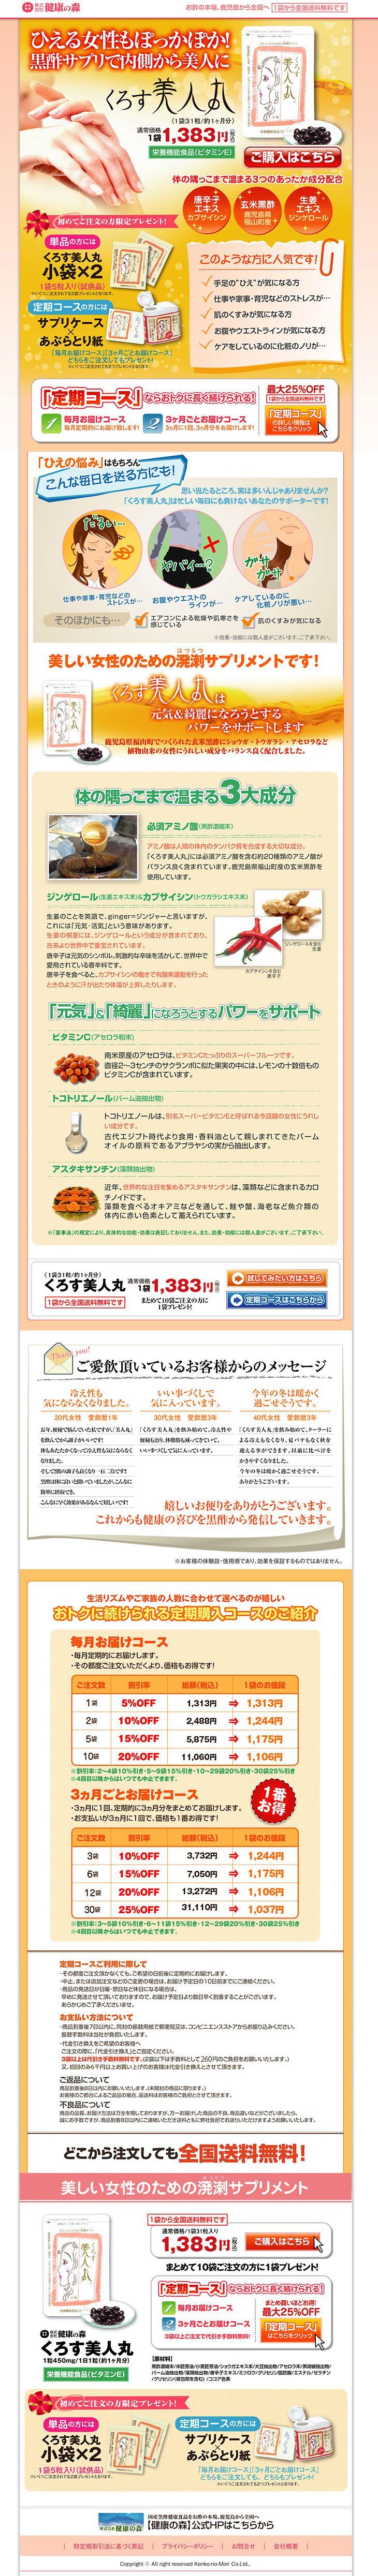 チラシ おしゃれまとめの人気アイデア Pinterest 良一 浜崎 Lp デザイン サービスデザイン 美容ドリンク